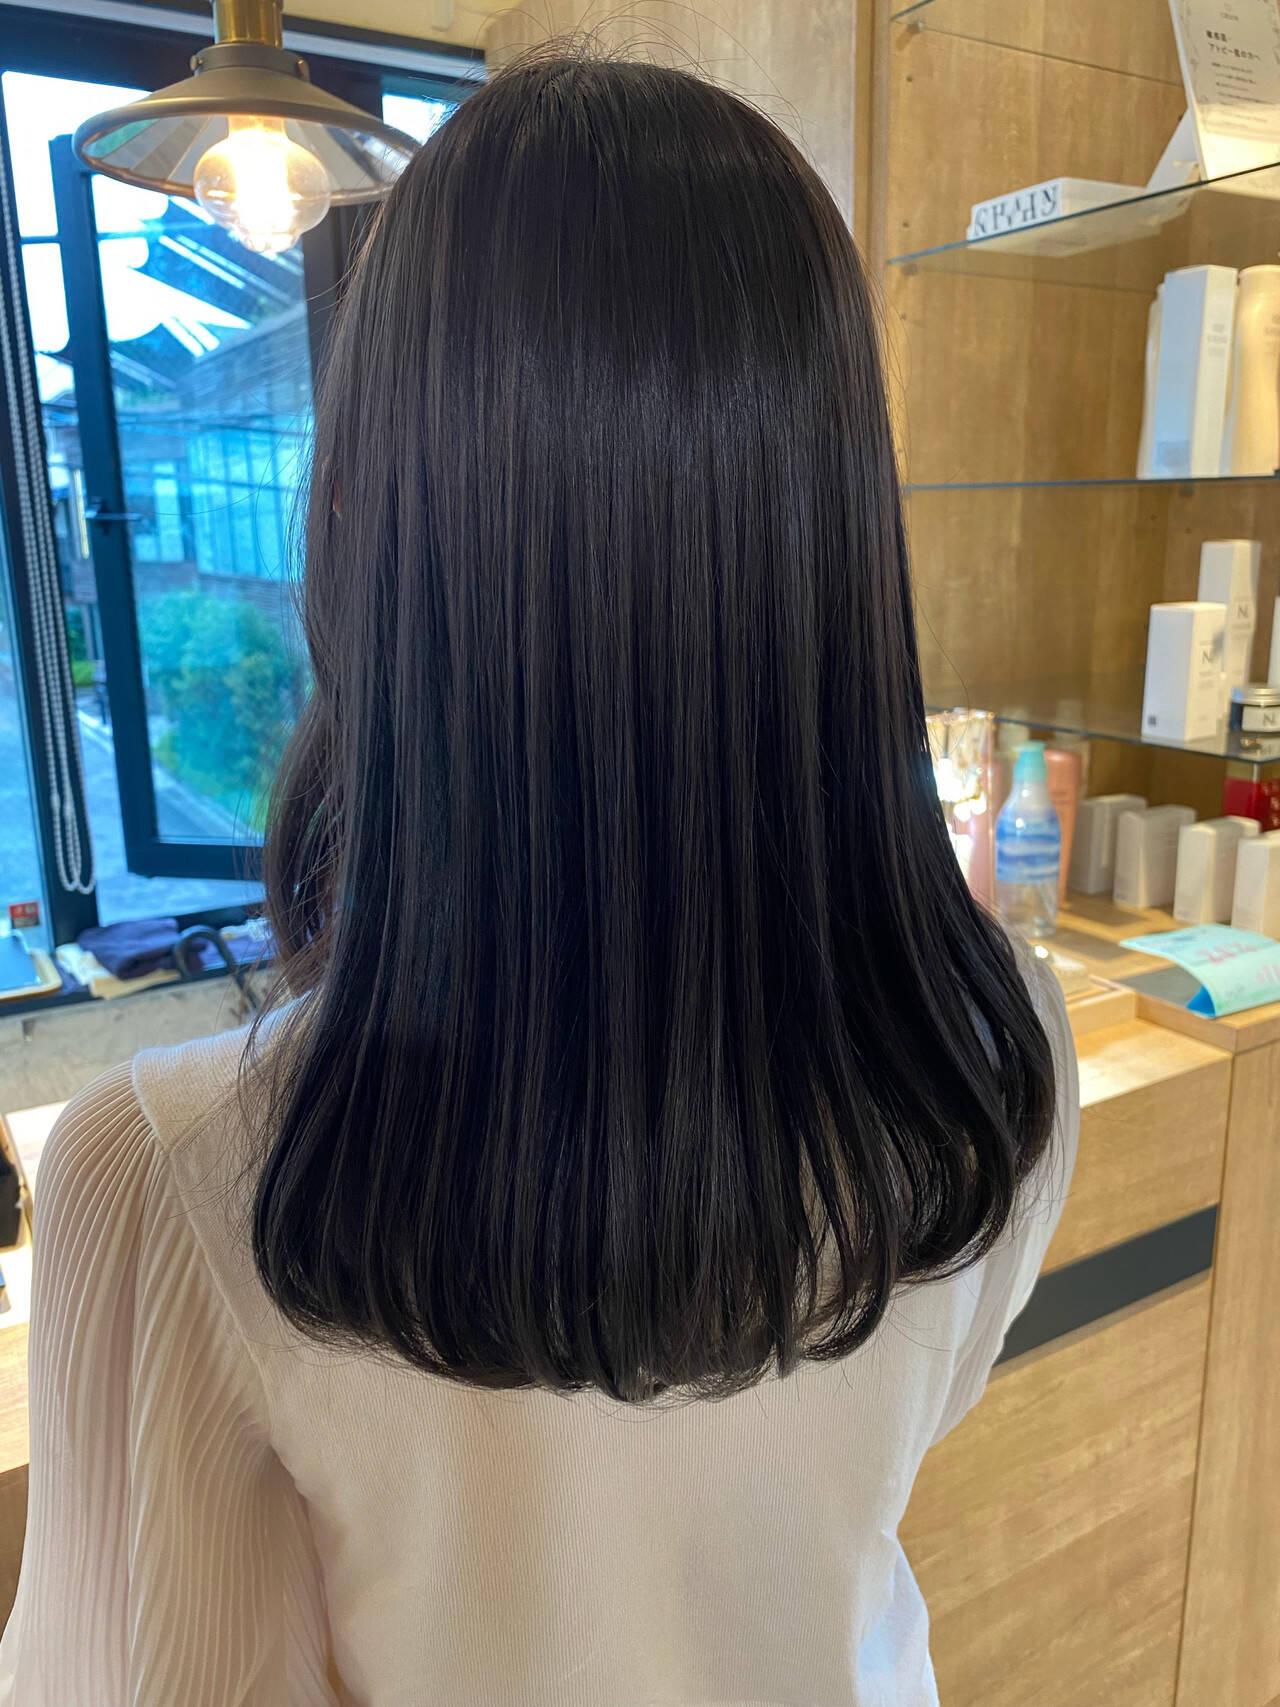 ブルージュ 透明感カラー 髪質改善トリートメント アッシュグレージュヘアスタイルや髪型の写真・画像